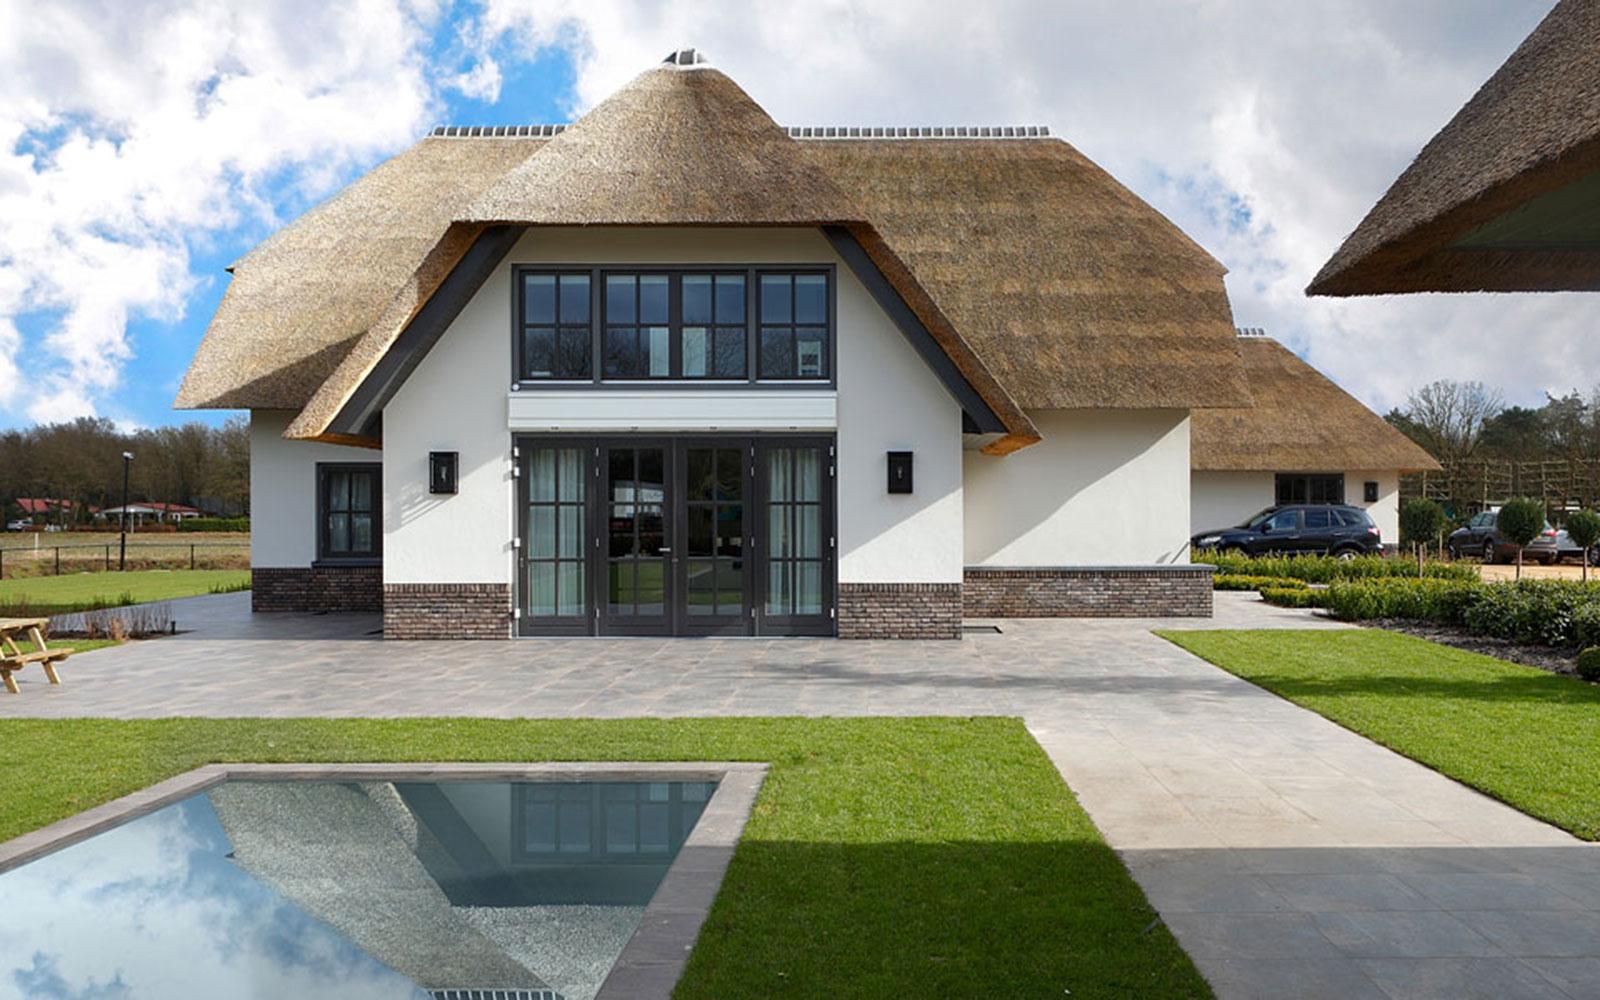 villabouw, van dinther bouwbedrijf, groot, luxe, villa, the art of living